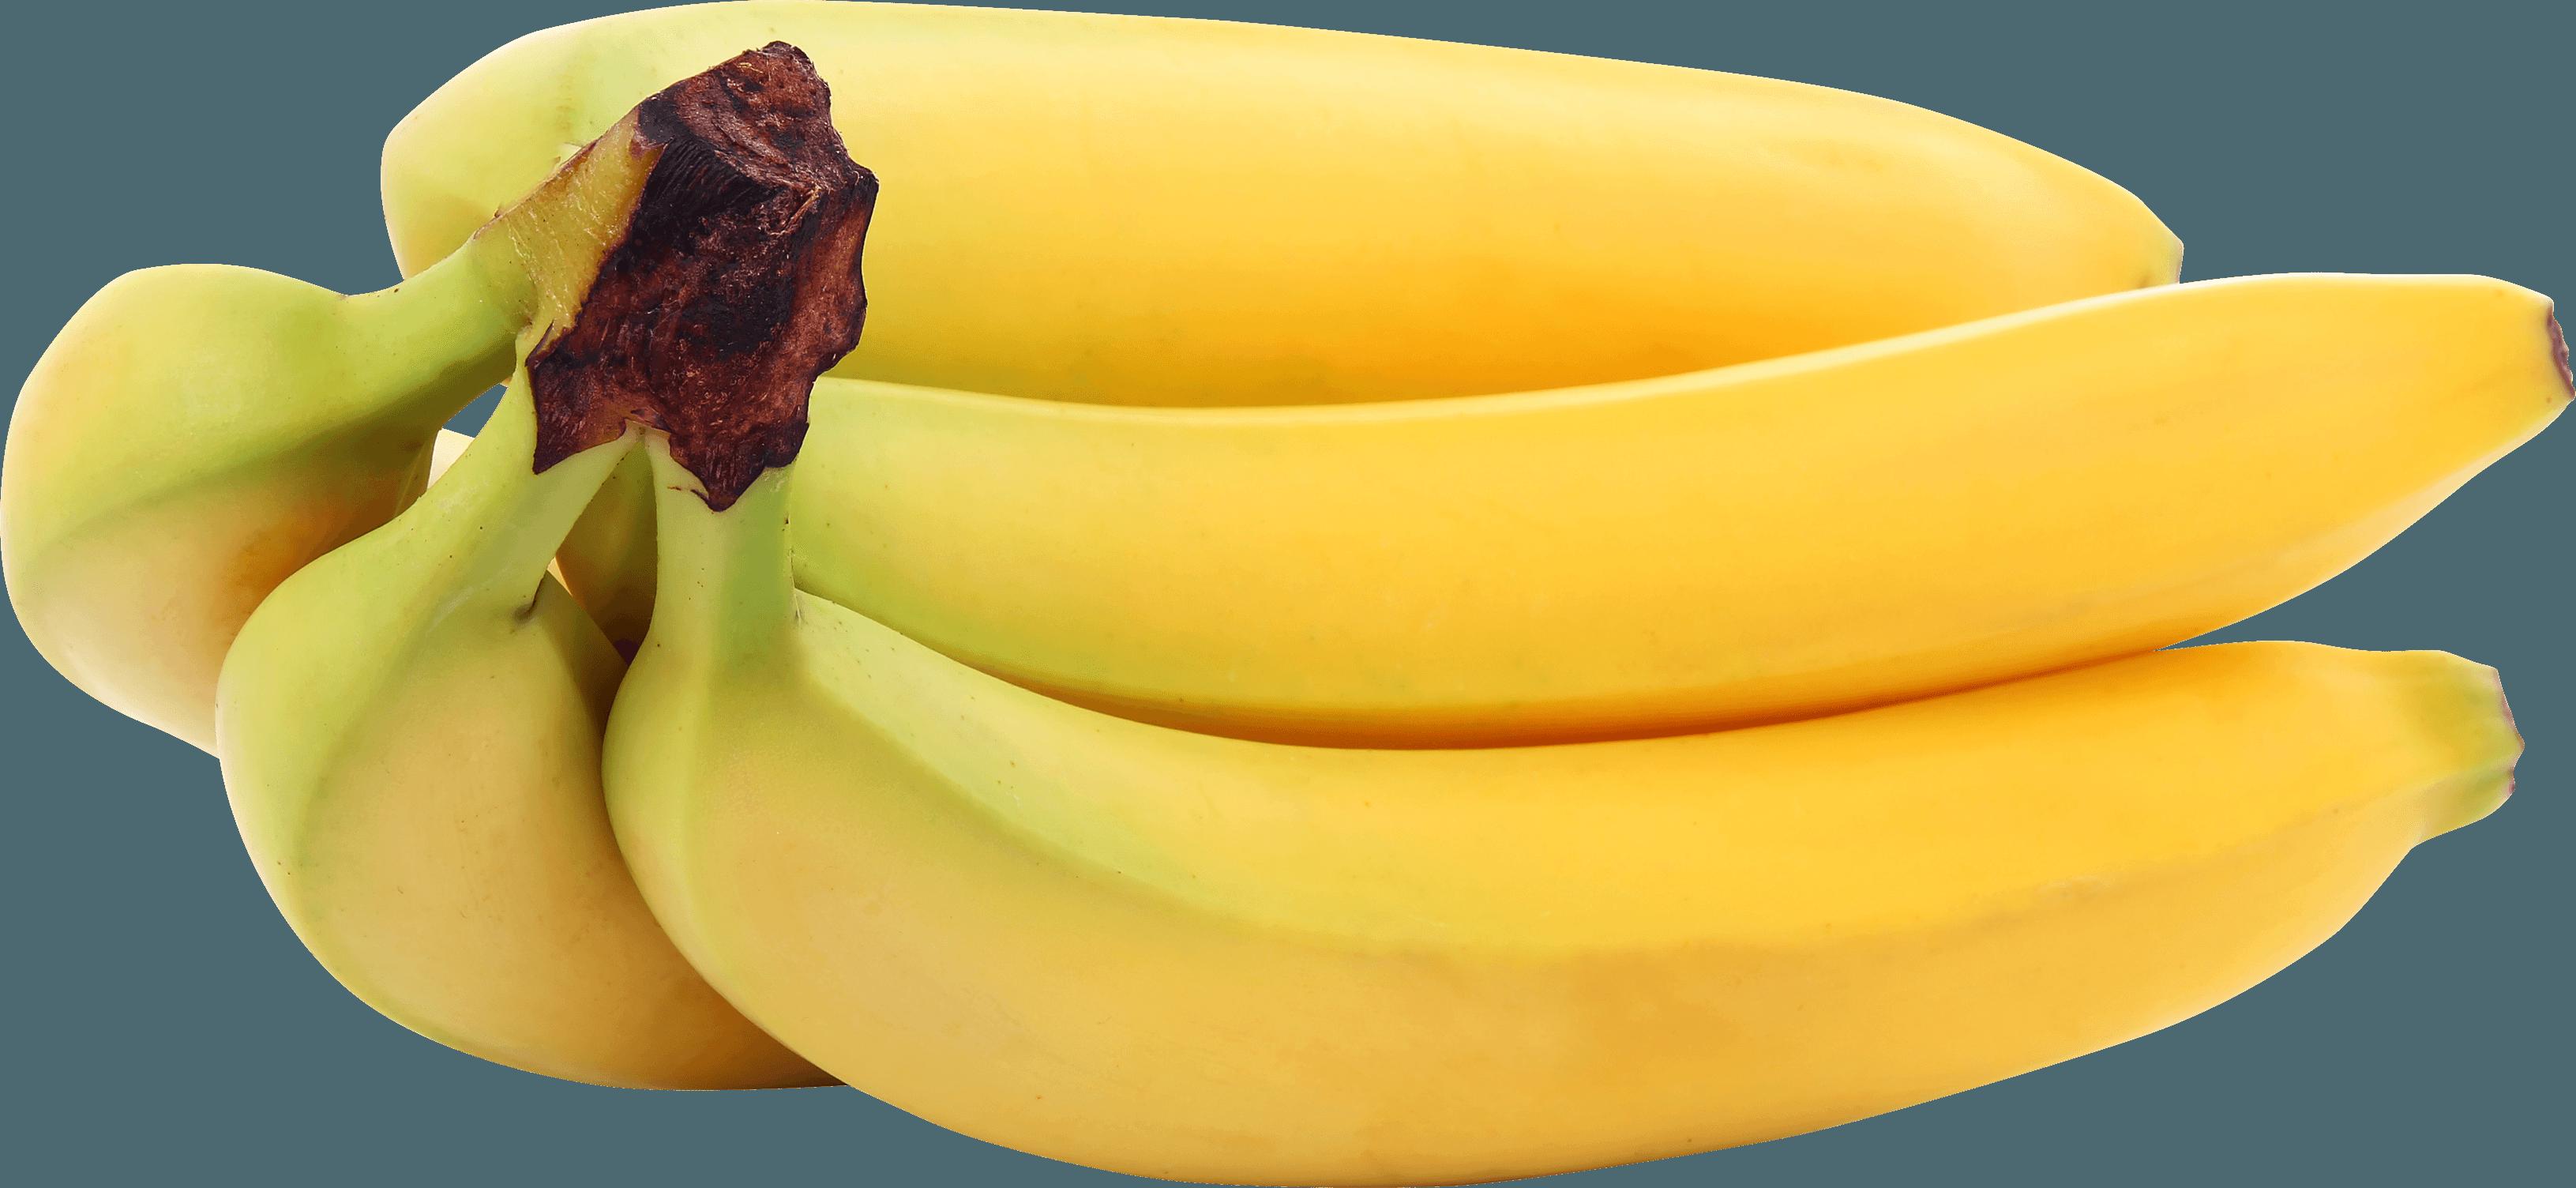 Banana Png Image PNG Image - Banana PNG